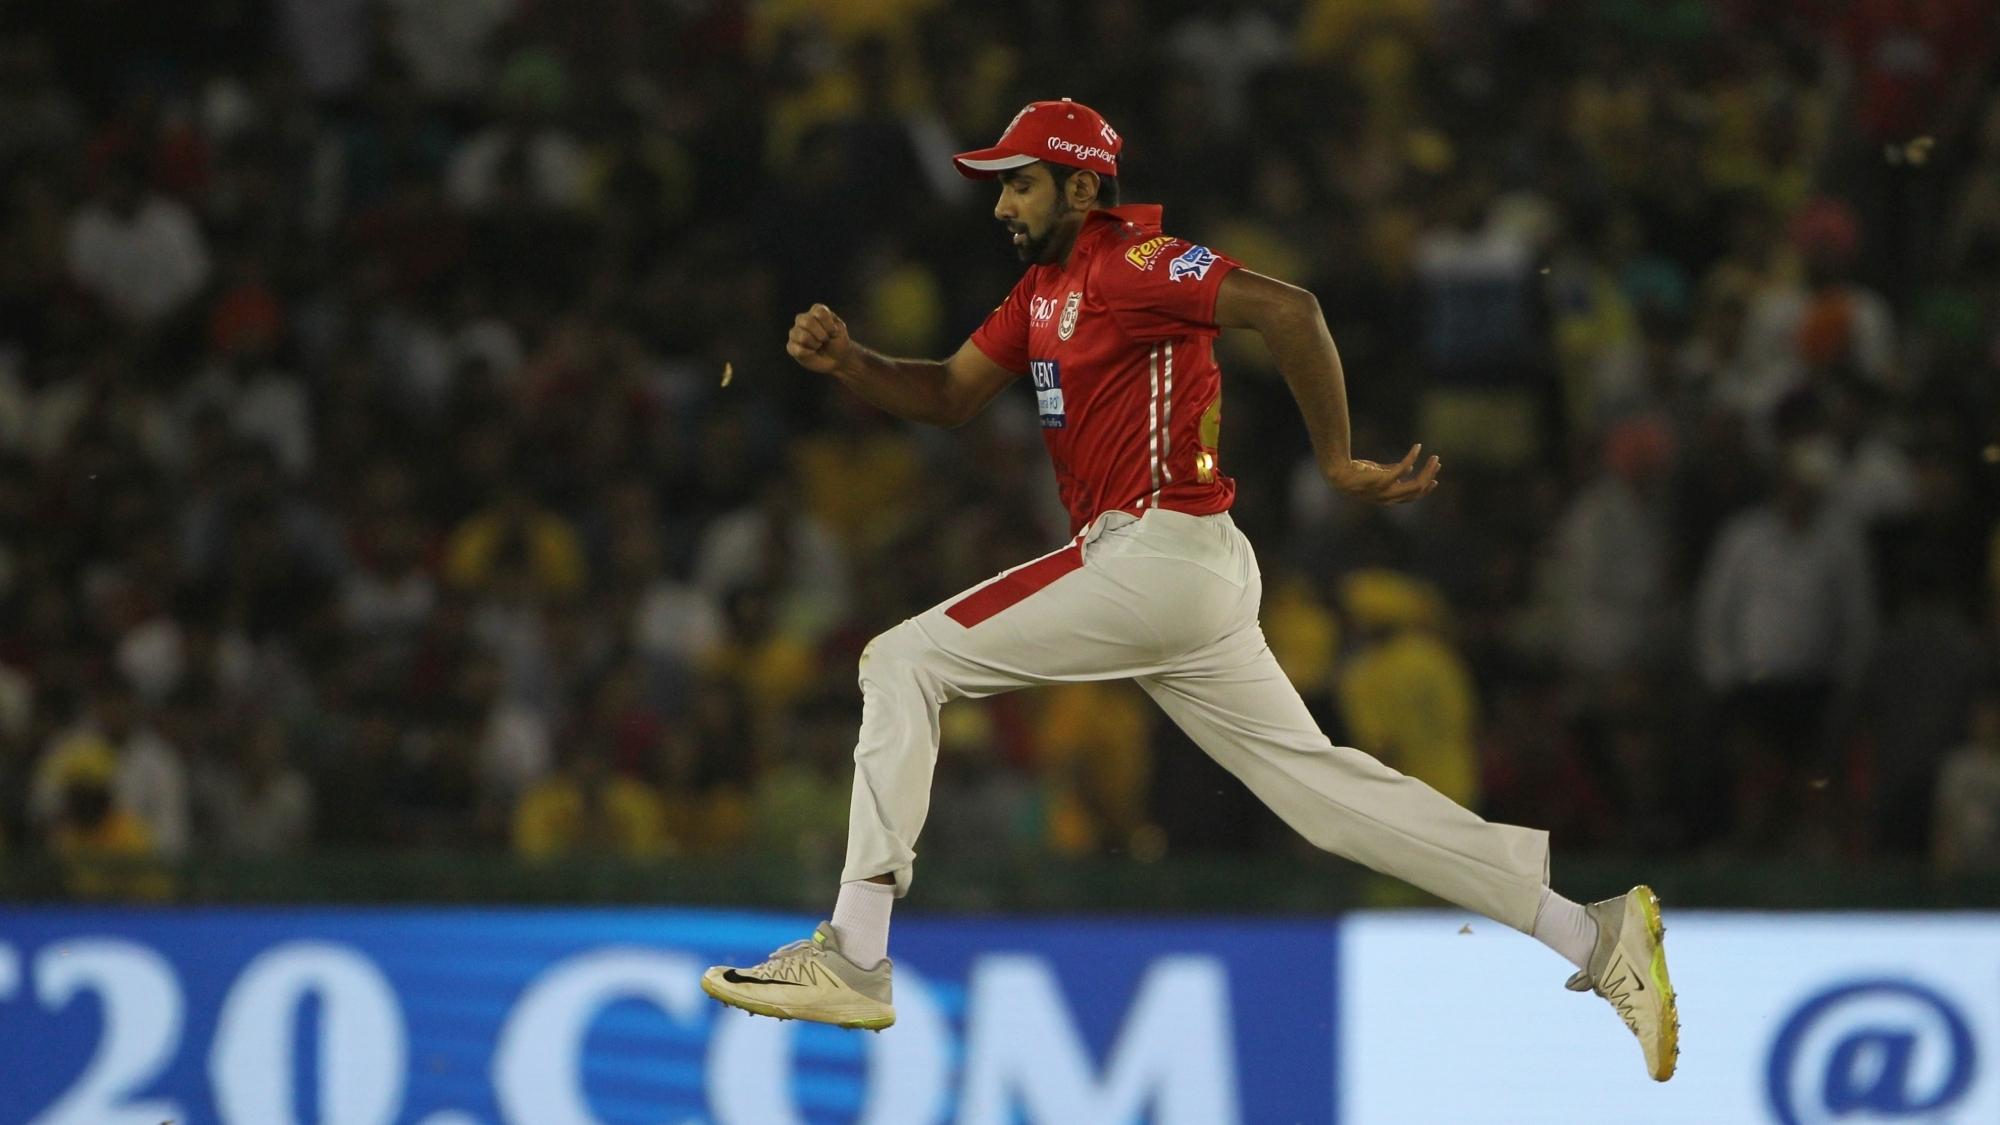 IPL 2018 : जो डॉस के अनुसार रविचंद्रन अश्विन भारतीय कप्तान के रूप में अच्छा प्रदर्शन करेंगे